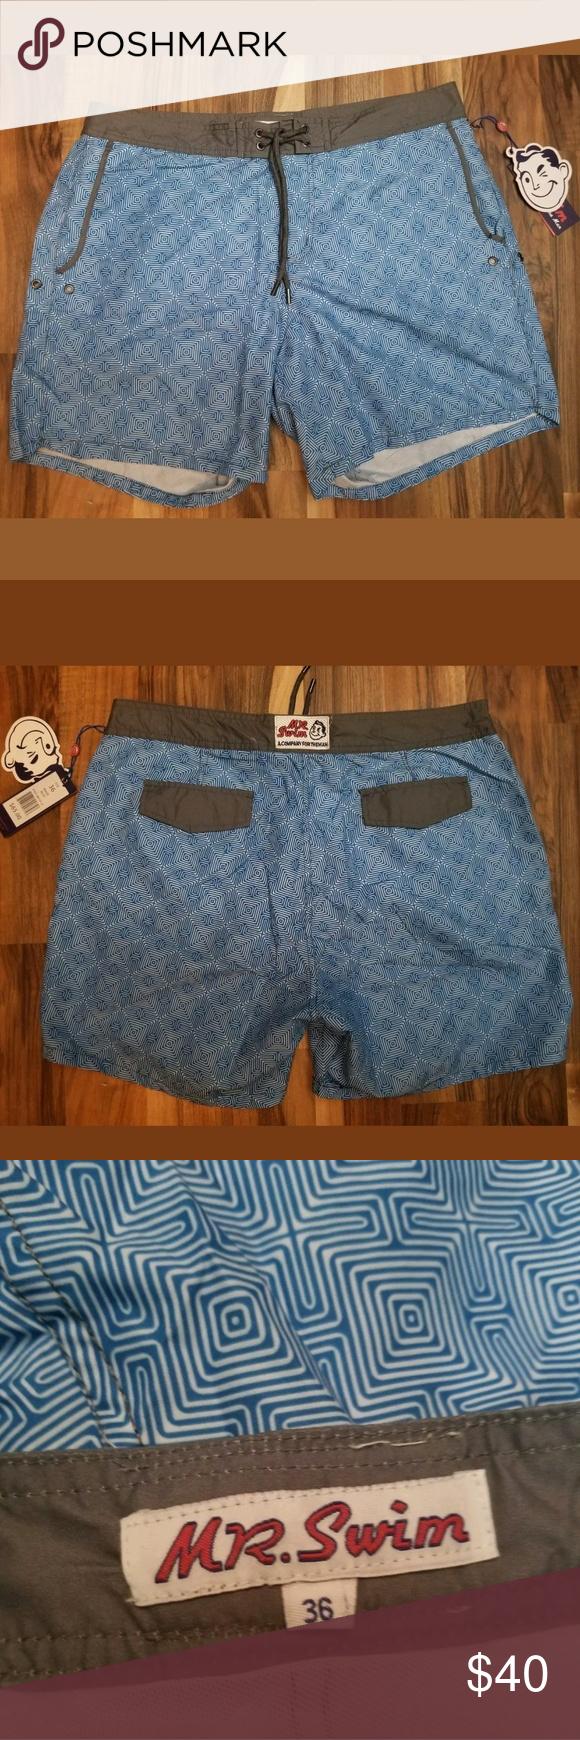 159f46e221 Mr. Swim Mens Chuck Maze Blue Swim Trunks Size 36 Mr. Swim shorts Men's